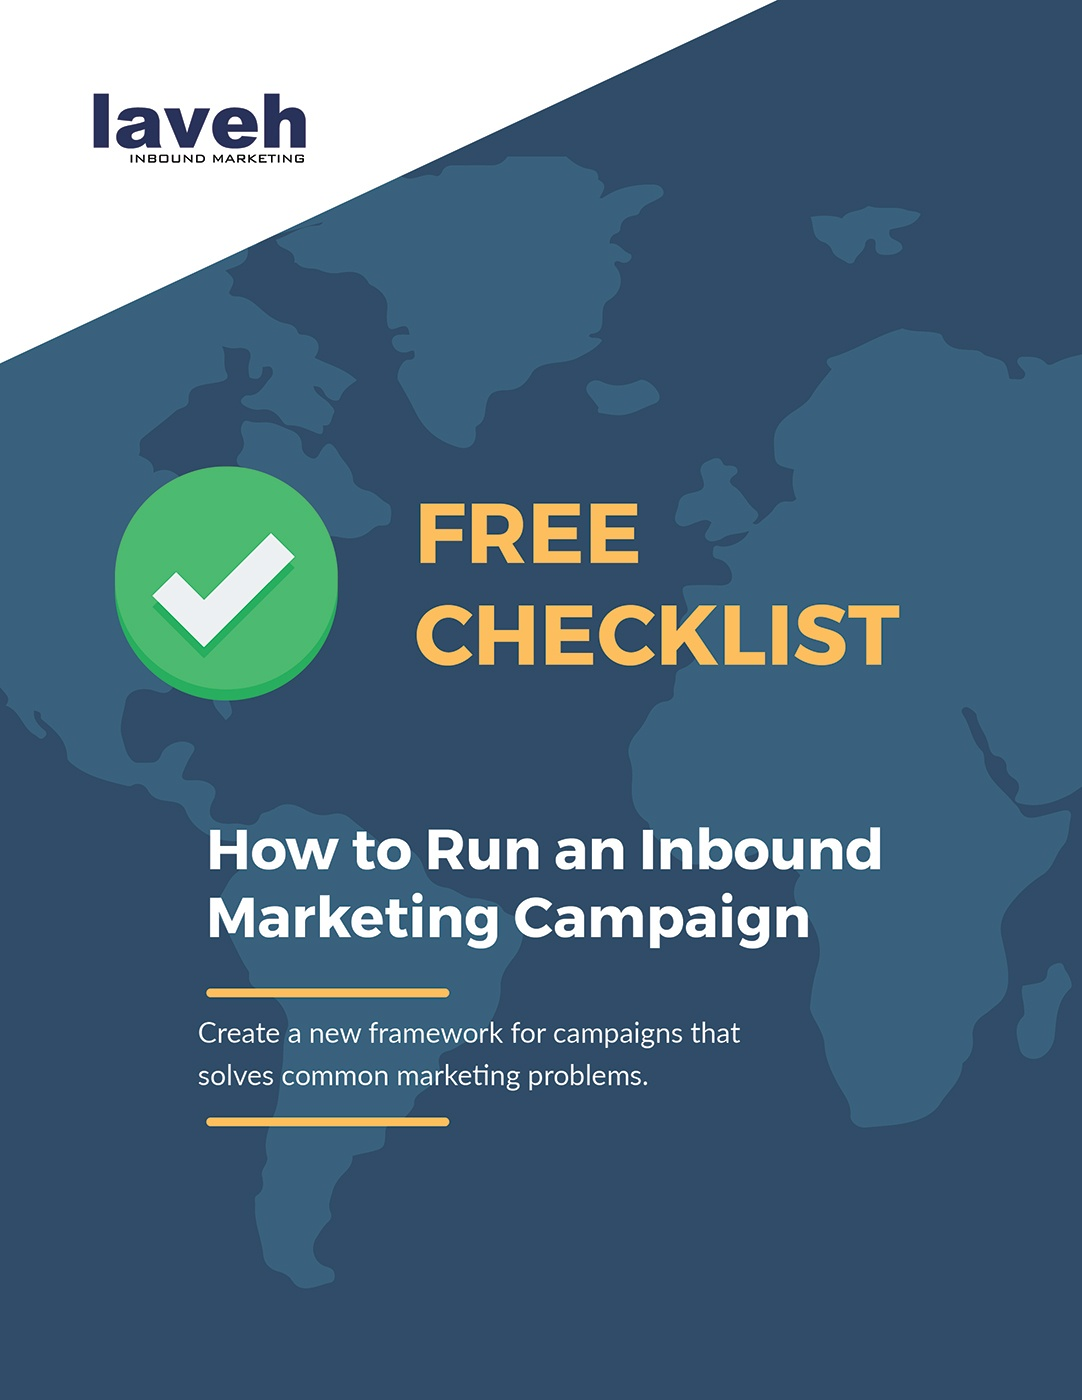 Free-Checklist-How-to-Run-an-Inbound-Marketing-Campaign.jpg